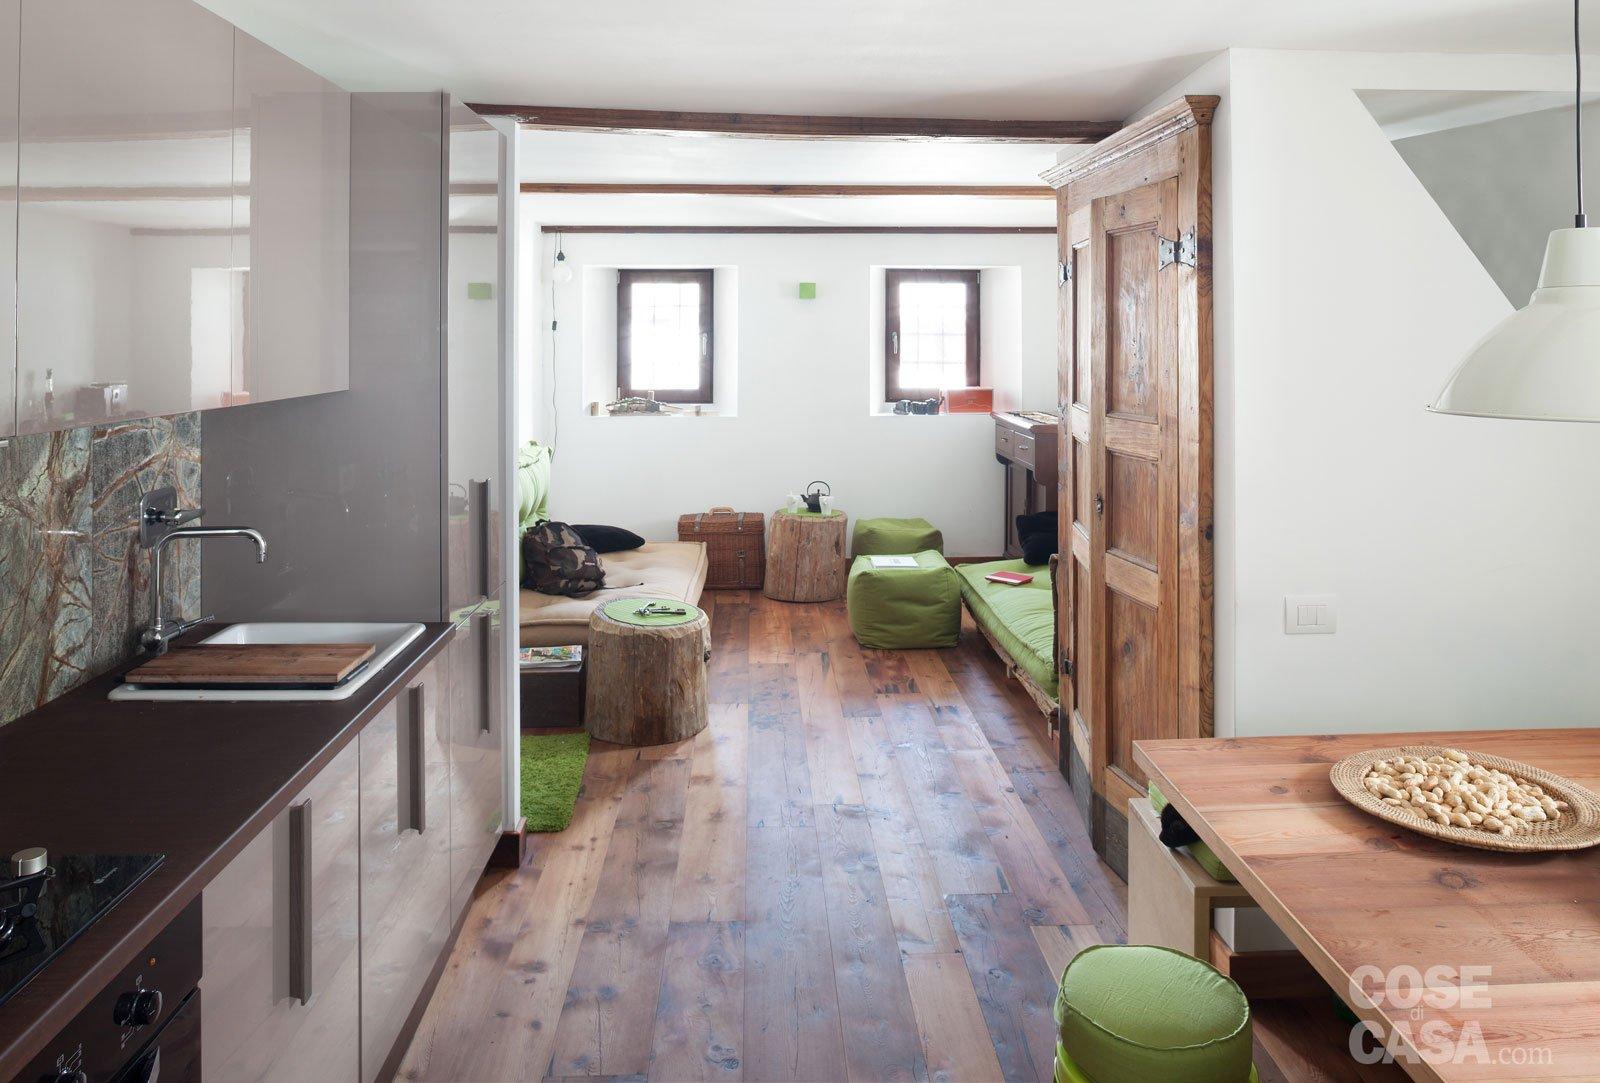 30 30 mq restauro di una tipica casa di montagna cose for Piani di casa padronale inglese